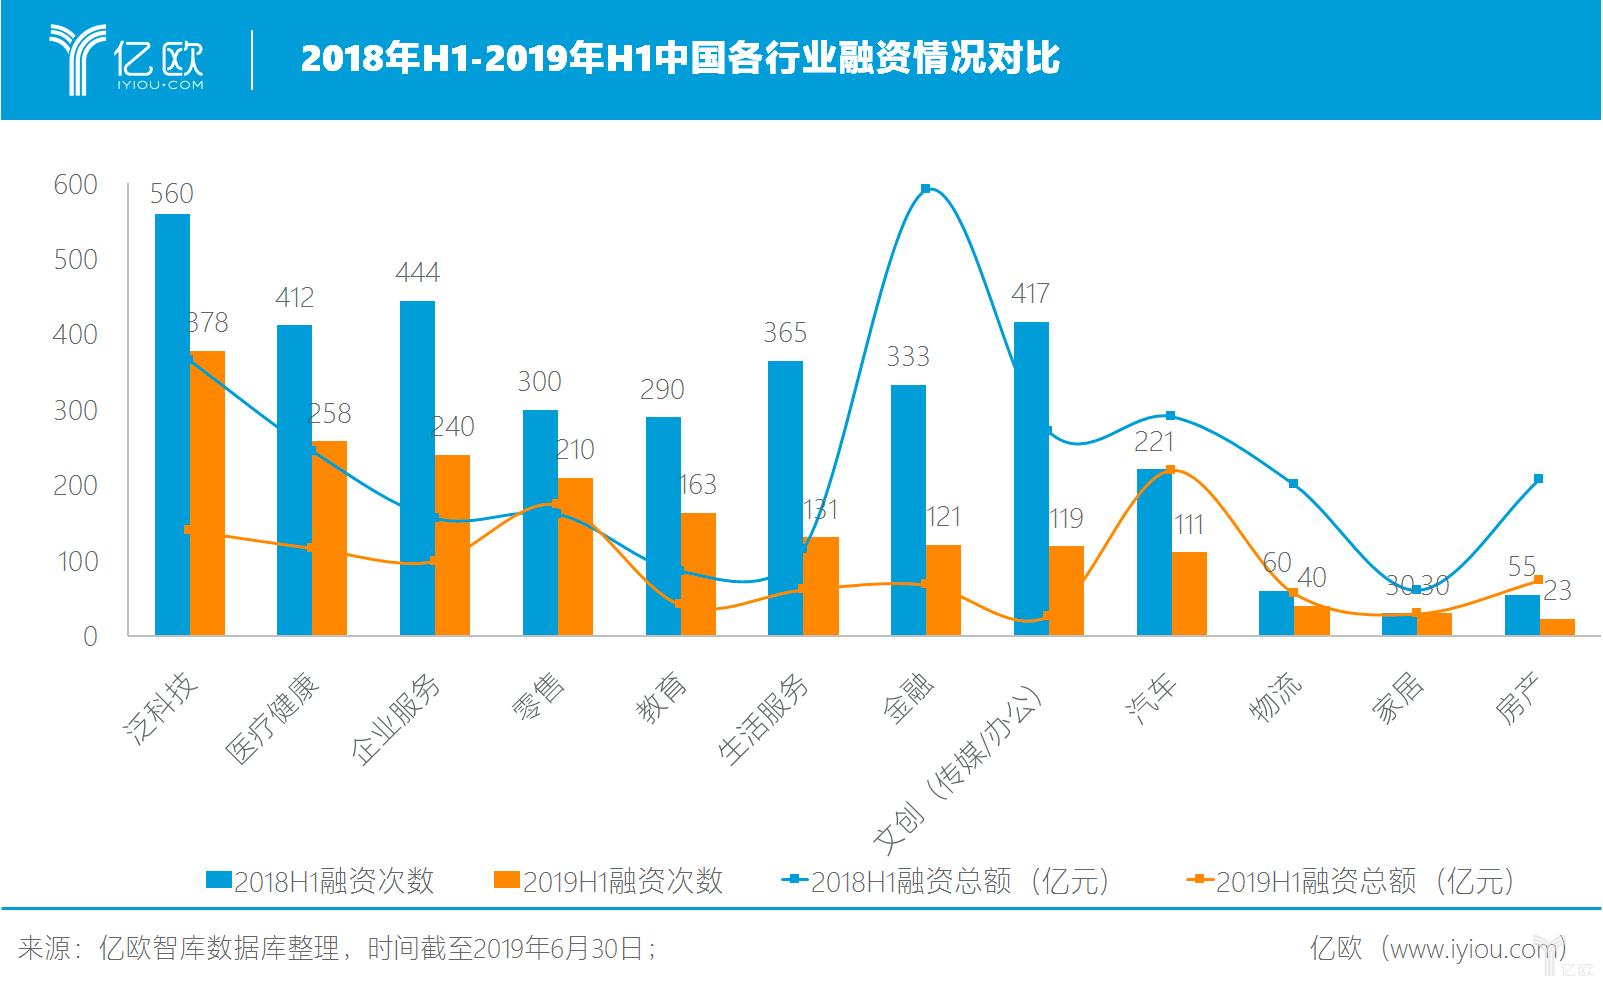 2018年H1-2019年H1中国各行业融资情况对比.png